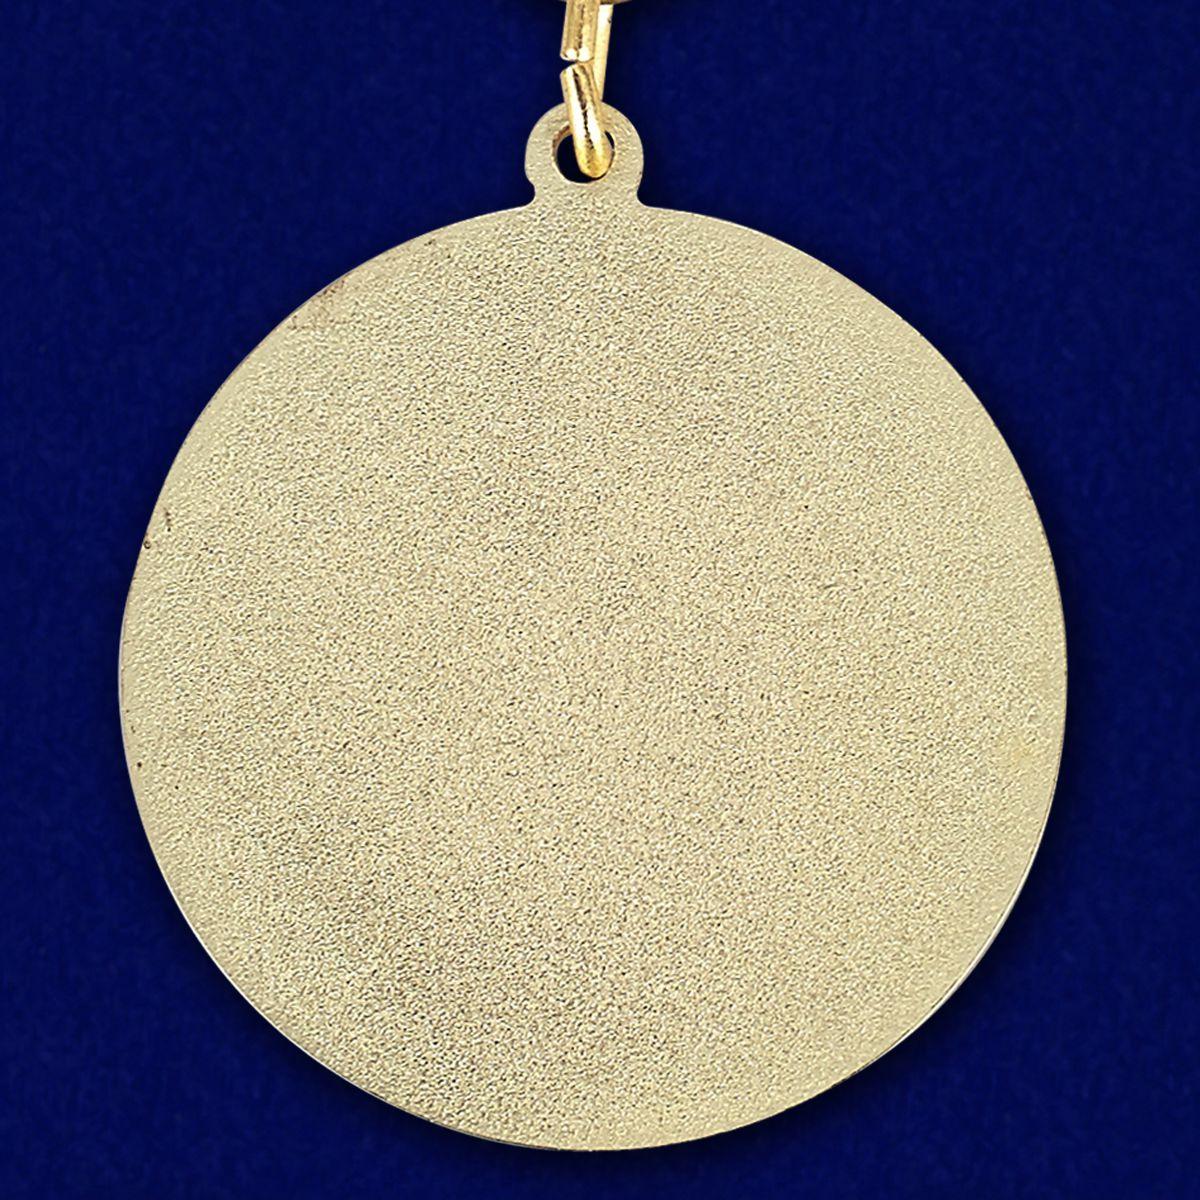 Медаль Сирийско-российская дружба - оборотная сторона